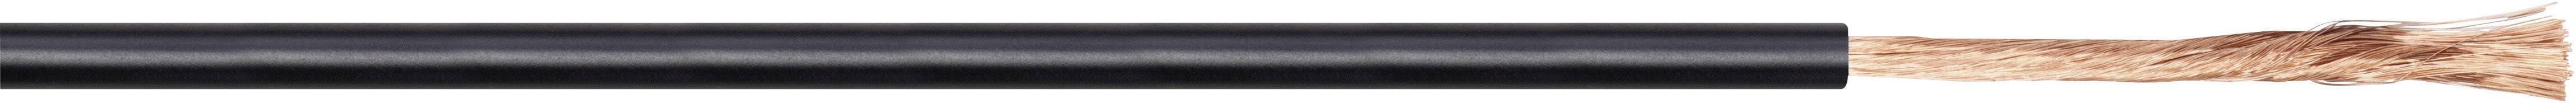 Merací vodič LappKabel 49900151 LiFY, 1 x 2.50 mm², vonkajší Ø 3.90 mm, metrový tovar, červená